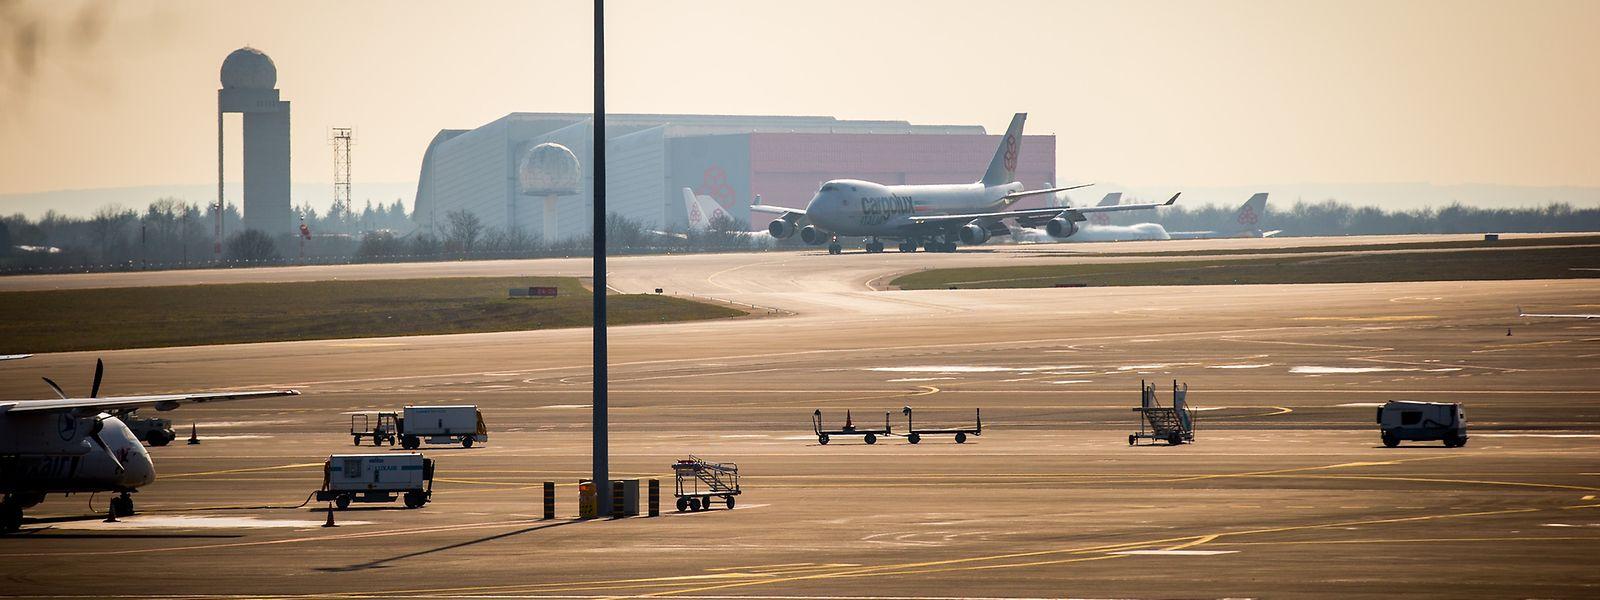 """Minister François Bausch favorisiert bei der Reform der Luftfahrtverwaltung eine Zusammenarbeit mit der Deutschen Flugsicherung, die quasi eine Art """"Rundum-Sorglos-Paket"""" bietet, das bis zu 40 Millionen Euro einsparen helfen soll."""